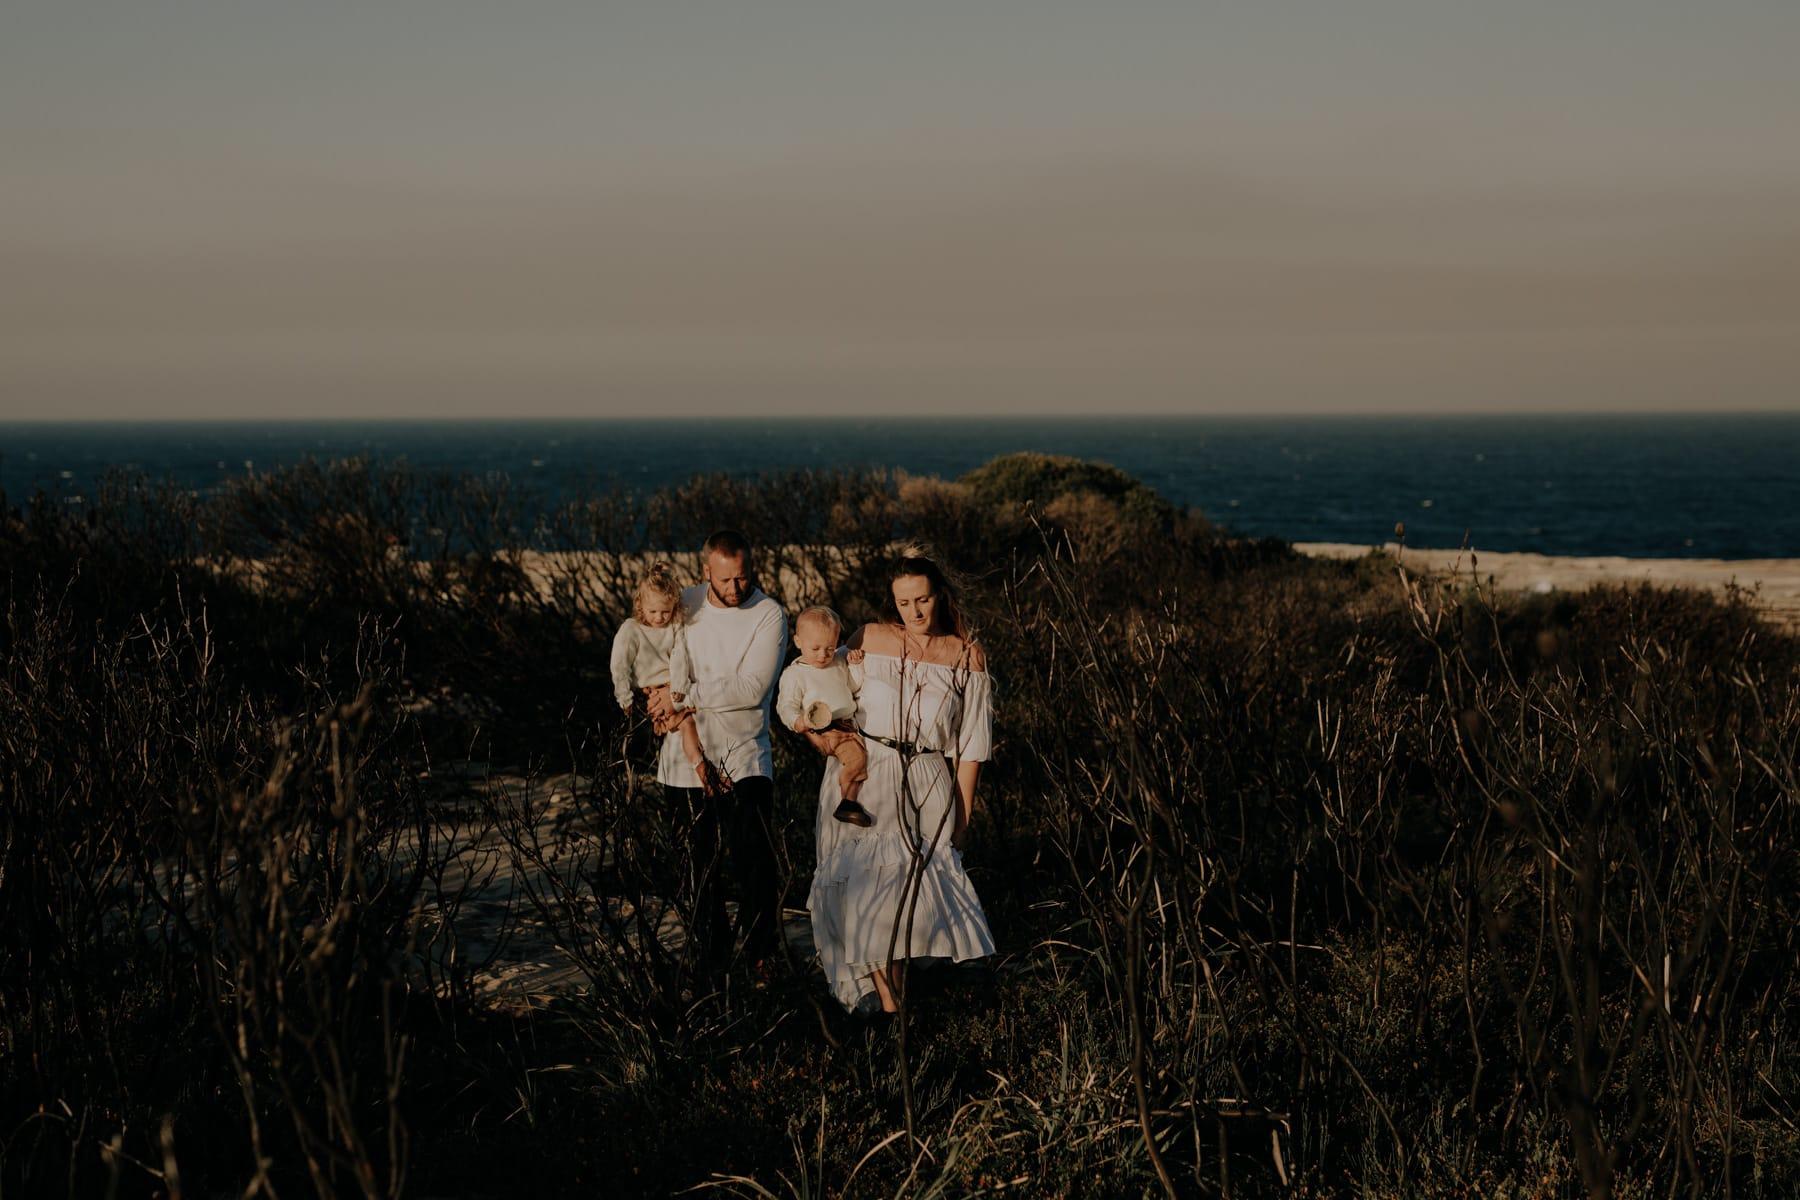 emmawandphotography-cronullaphotographer-sutherlandshirephotographer-family-kids-familyadventure-sydneydocumentaryphotographer-sydneylifestylephotographer0022